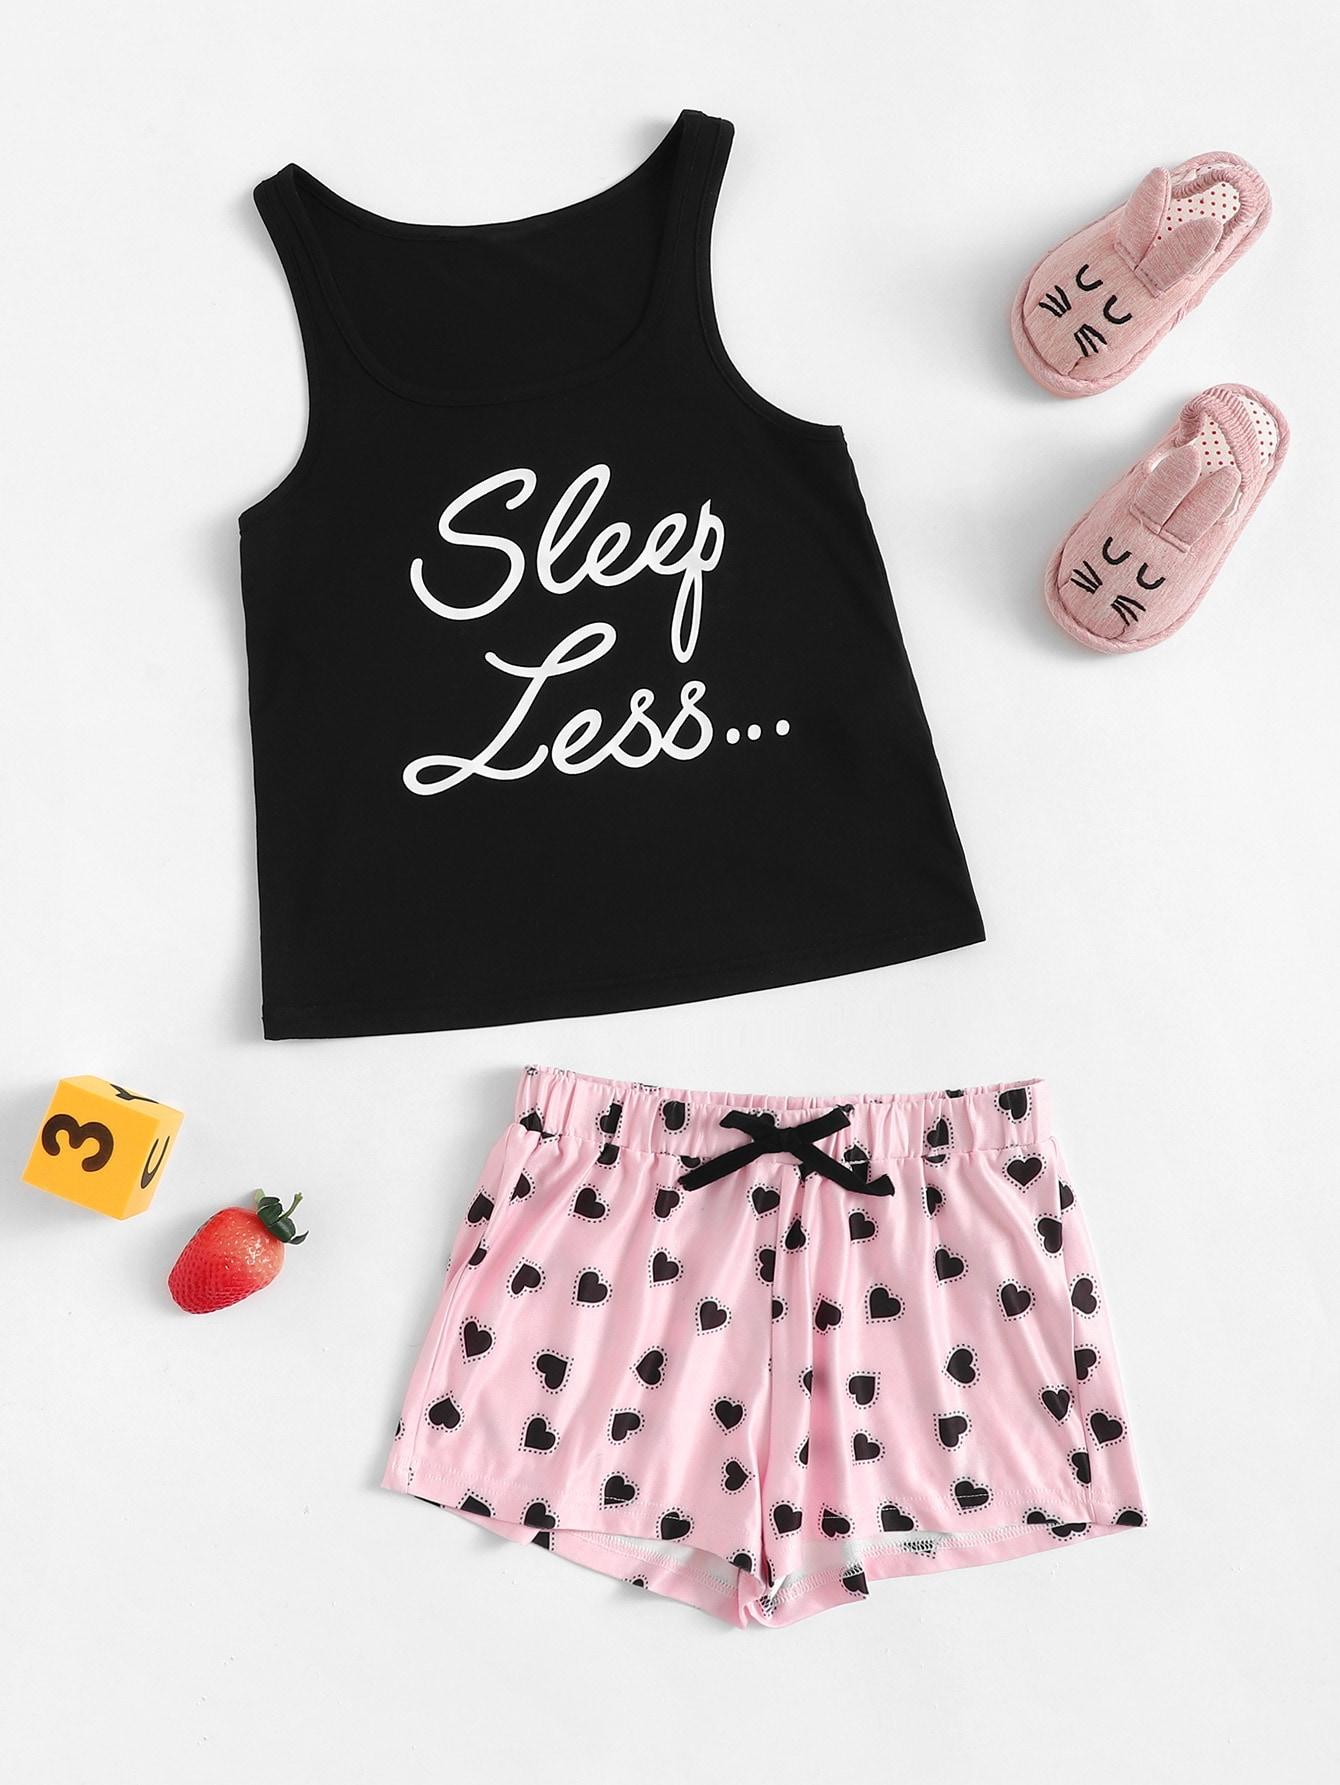 Пижамный комплект топ с текстовым принтом и шорты для девочек от SheIn